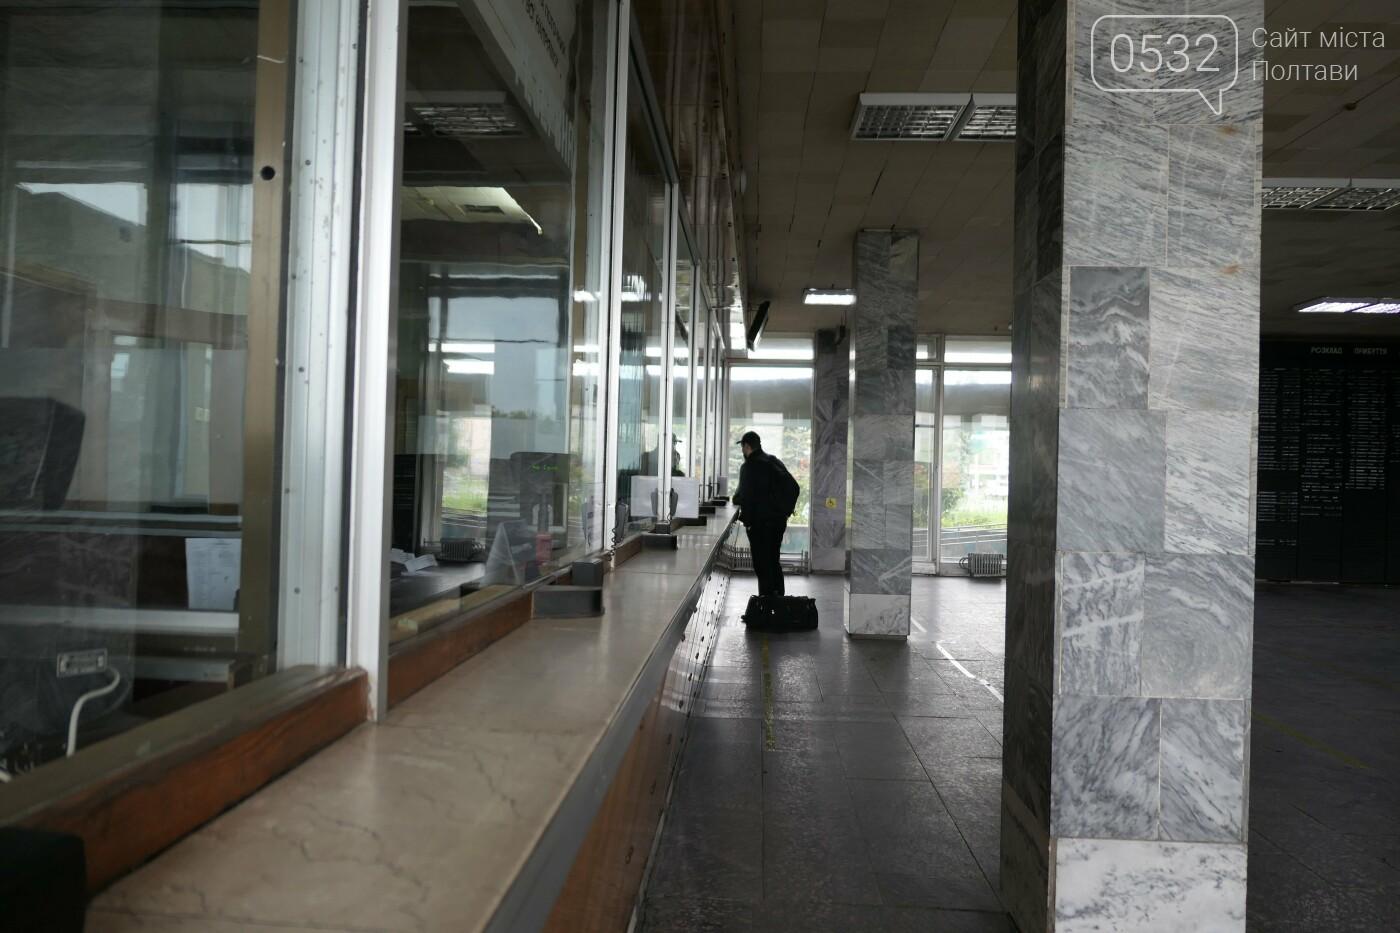 Як повертається до звичайного ритму роботи Автовокзал Полтава, фото-2